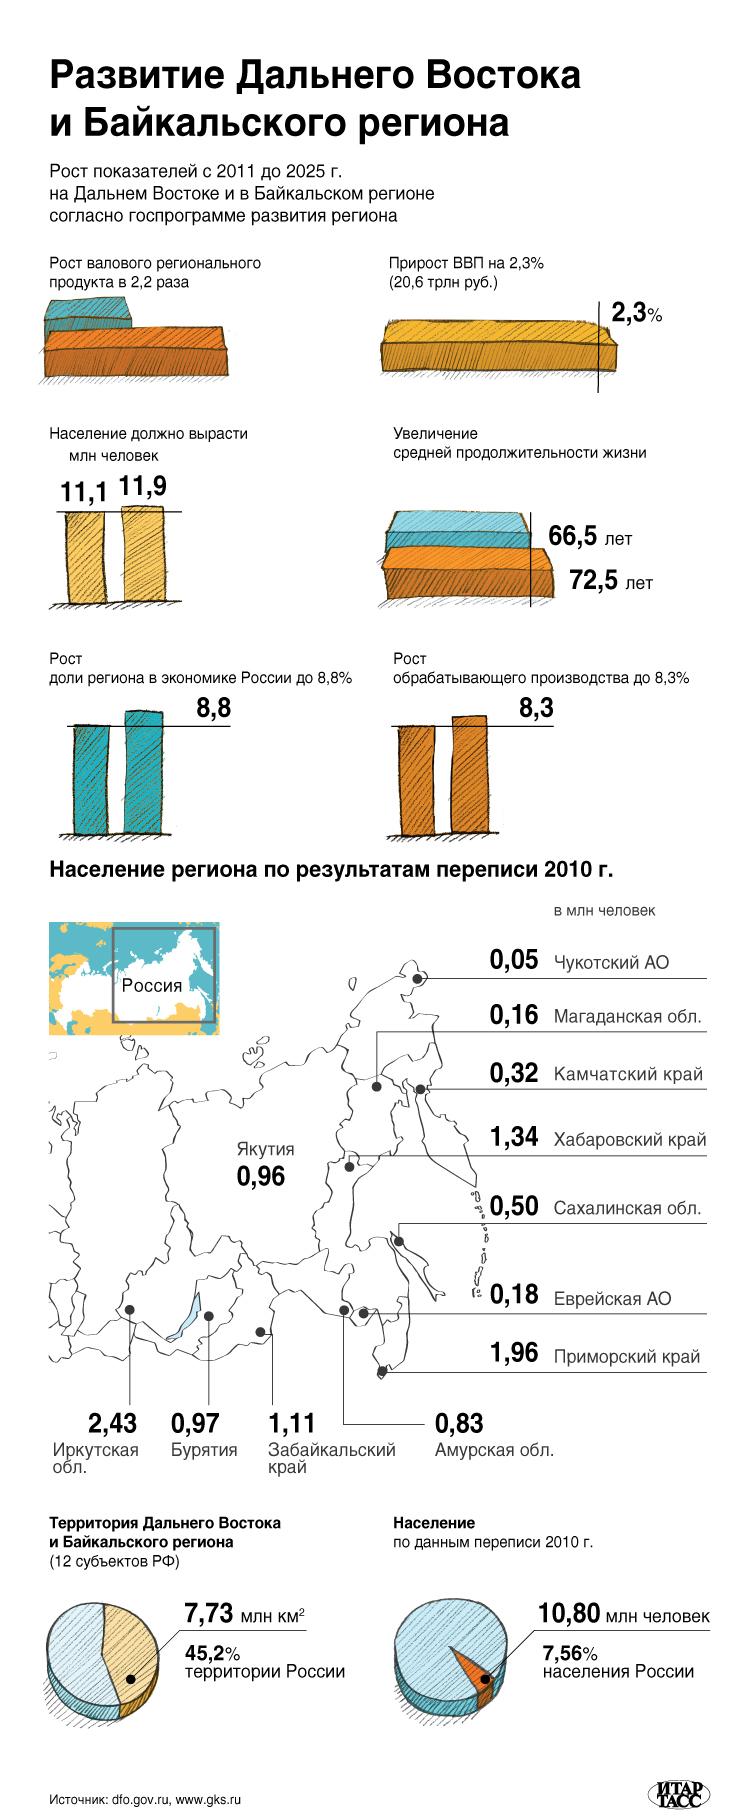 Развитие Дальнего Востока и Байкальского региона